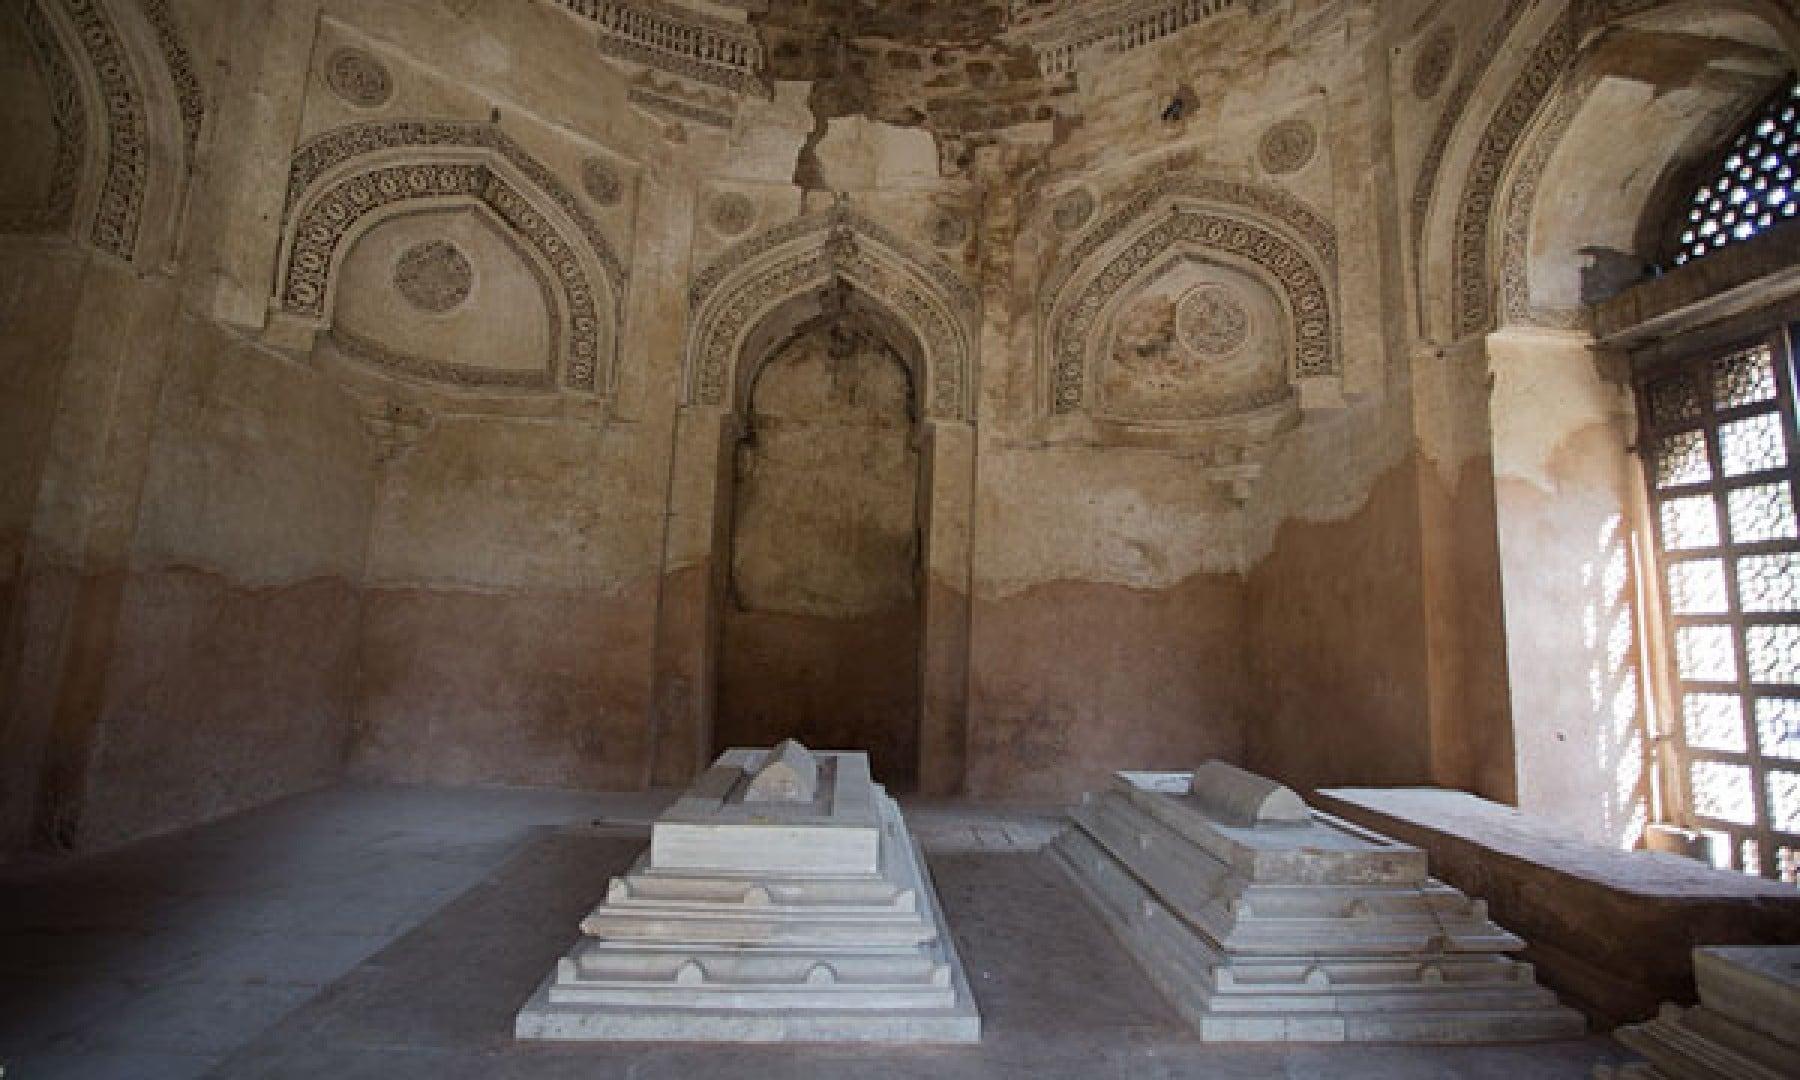 مقبرے میں فیروز شاہ تغلق کے علاوہ ان کے بیٹے اور پوتے کی قبریں بھی موجود ہیں